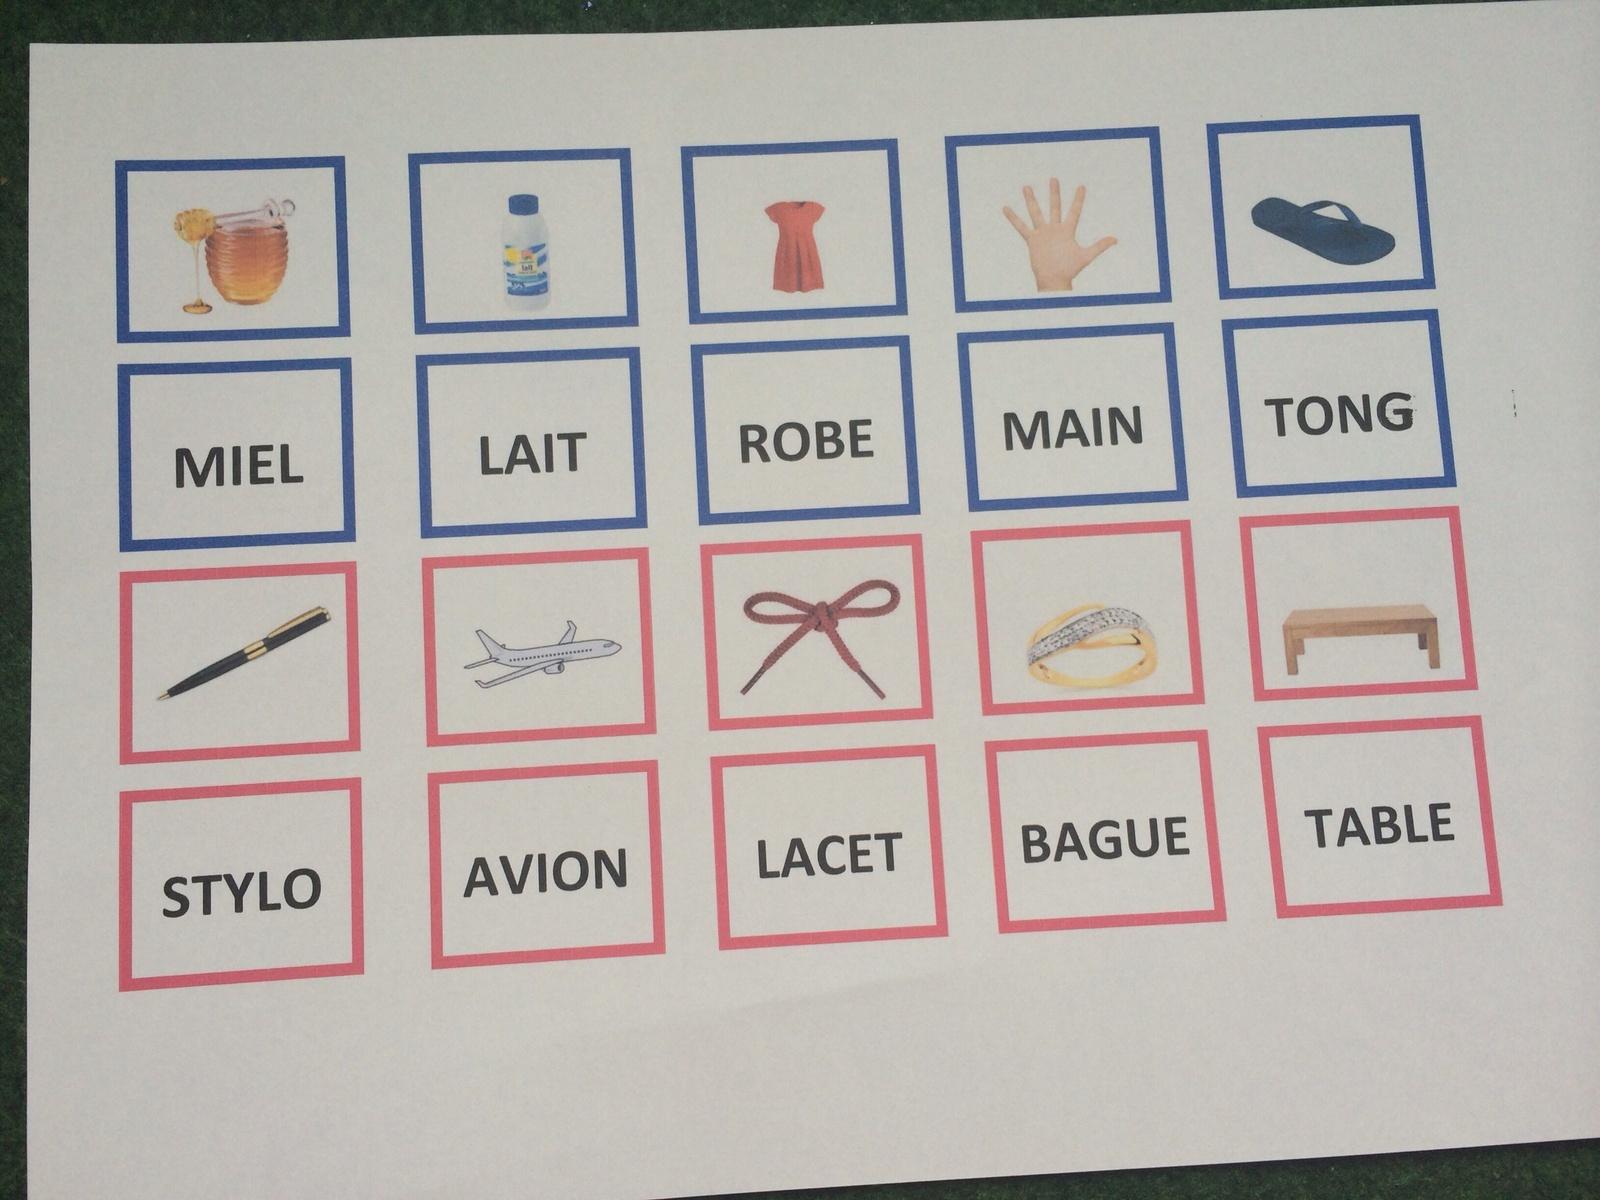 Apprendre L'alphabet, Lire Et Écrire - Apprends Moi Ummi pour Apprendre A Ecrire Les Lettres En Majuscule